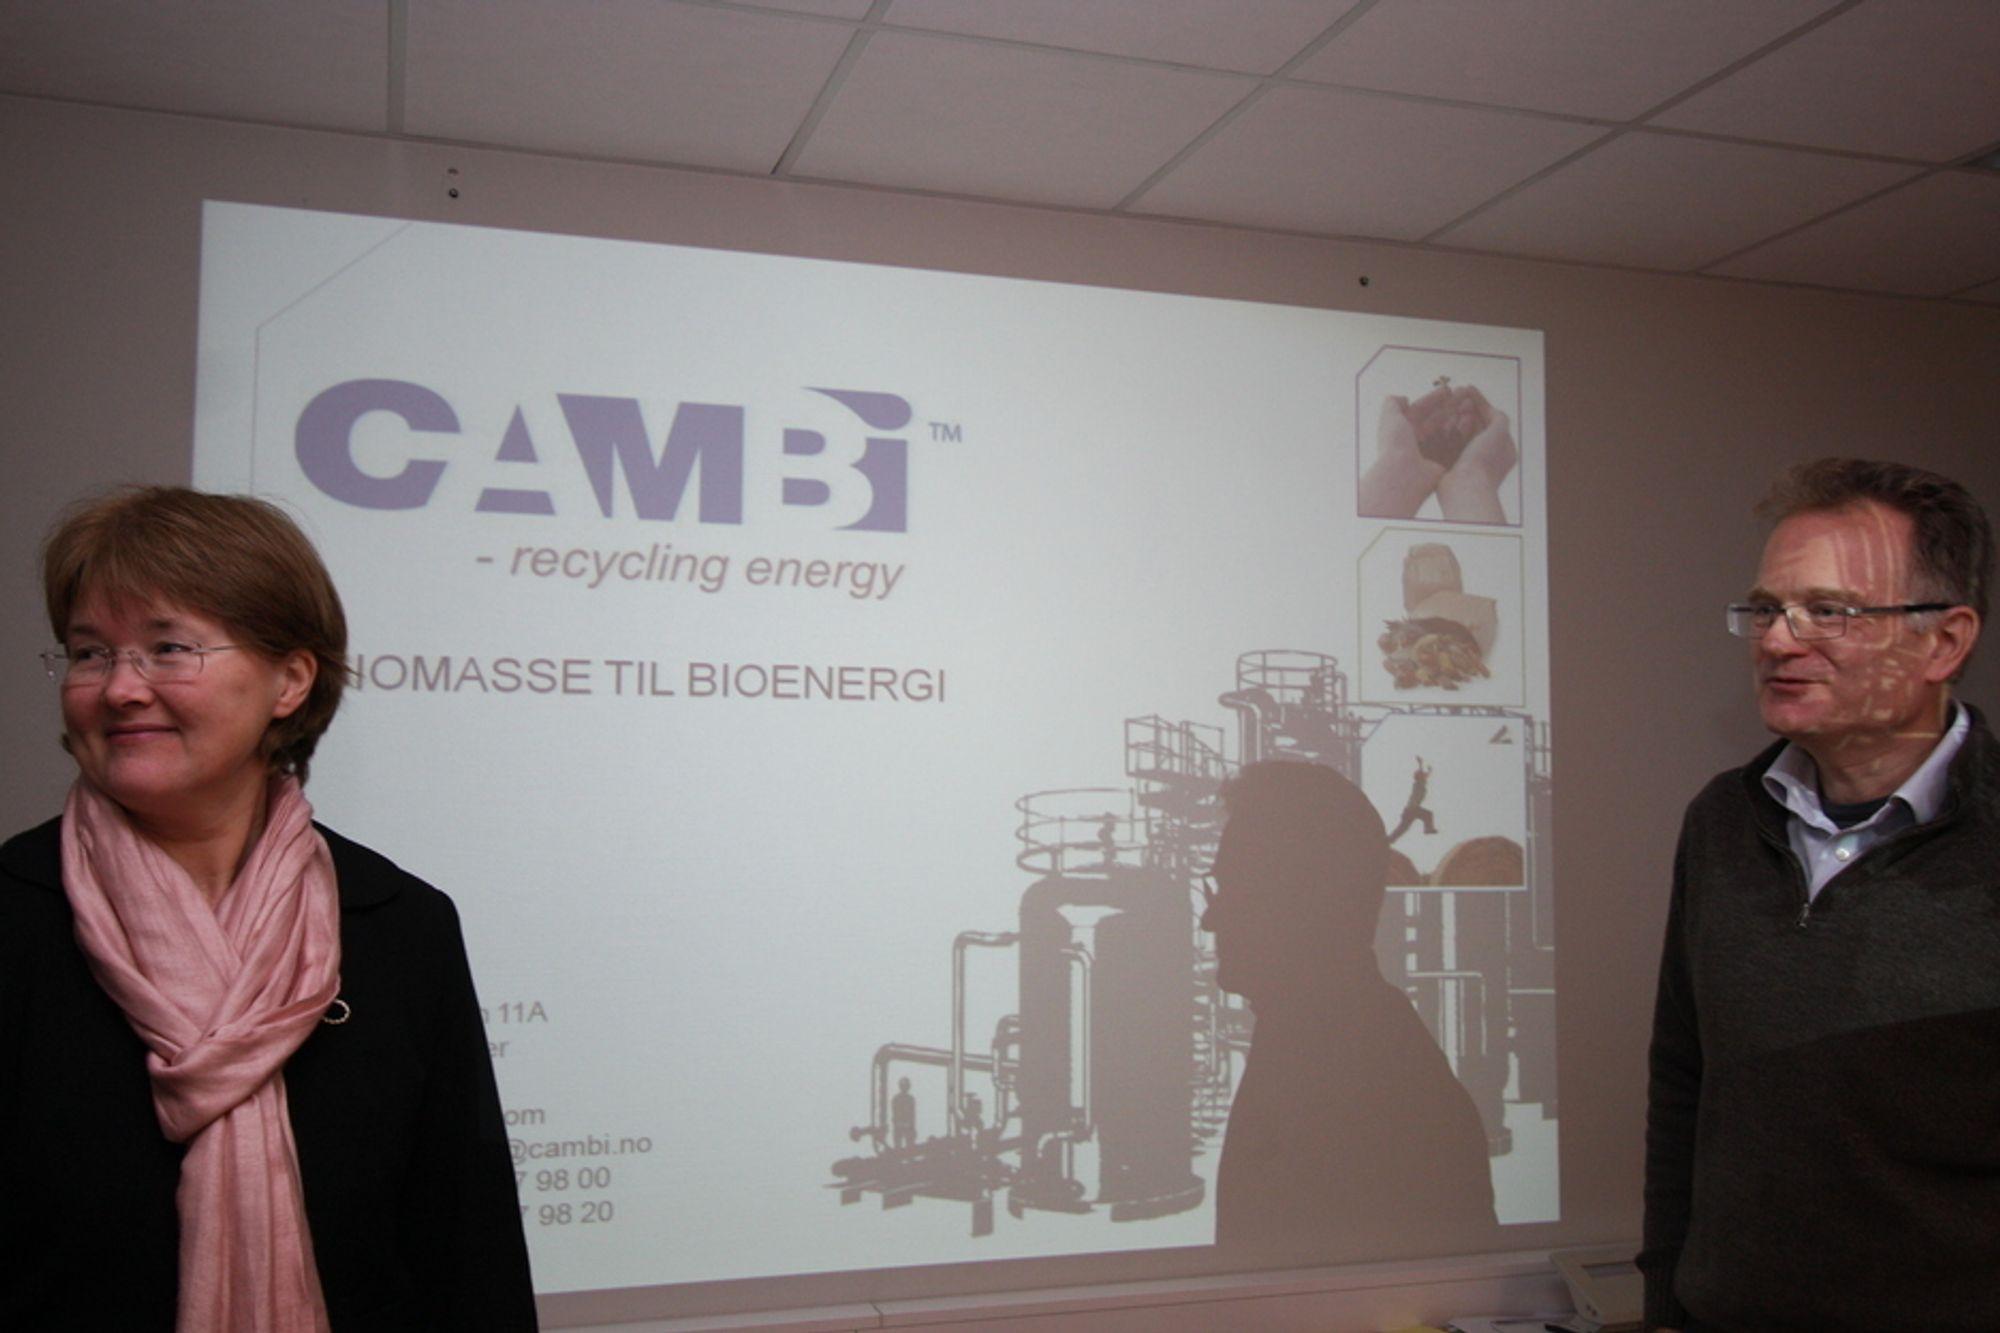 MILJØ: Cambi AS er på vei ut av skyggenes dal. Selskapet er ledende på teknologi for å omdanne bioavfall til biogass. Merete Norli (teknisk direktør) og Norman Weisz (kontraktdirektør) gleder seg over flere store kontrakter i det siste.